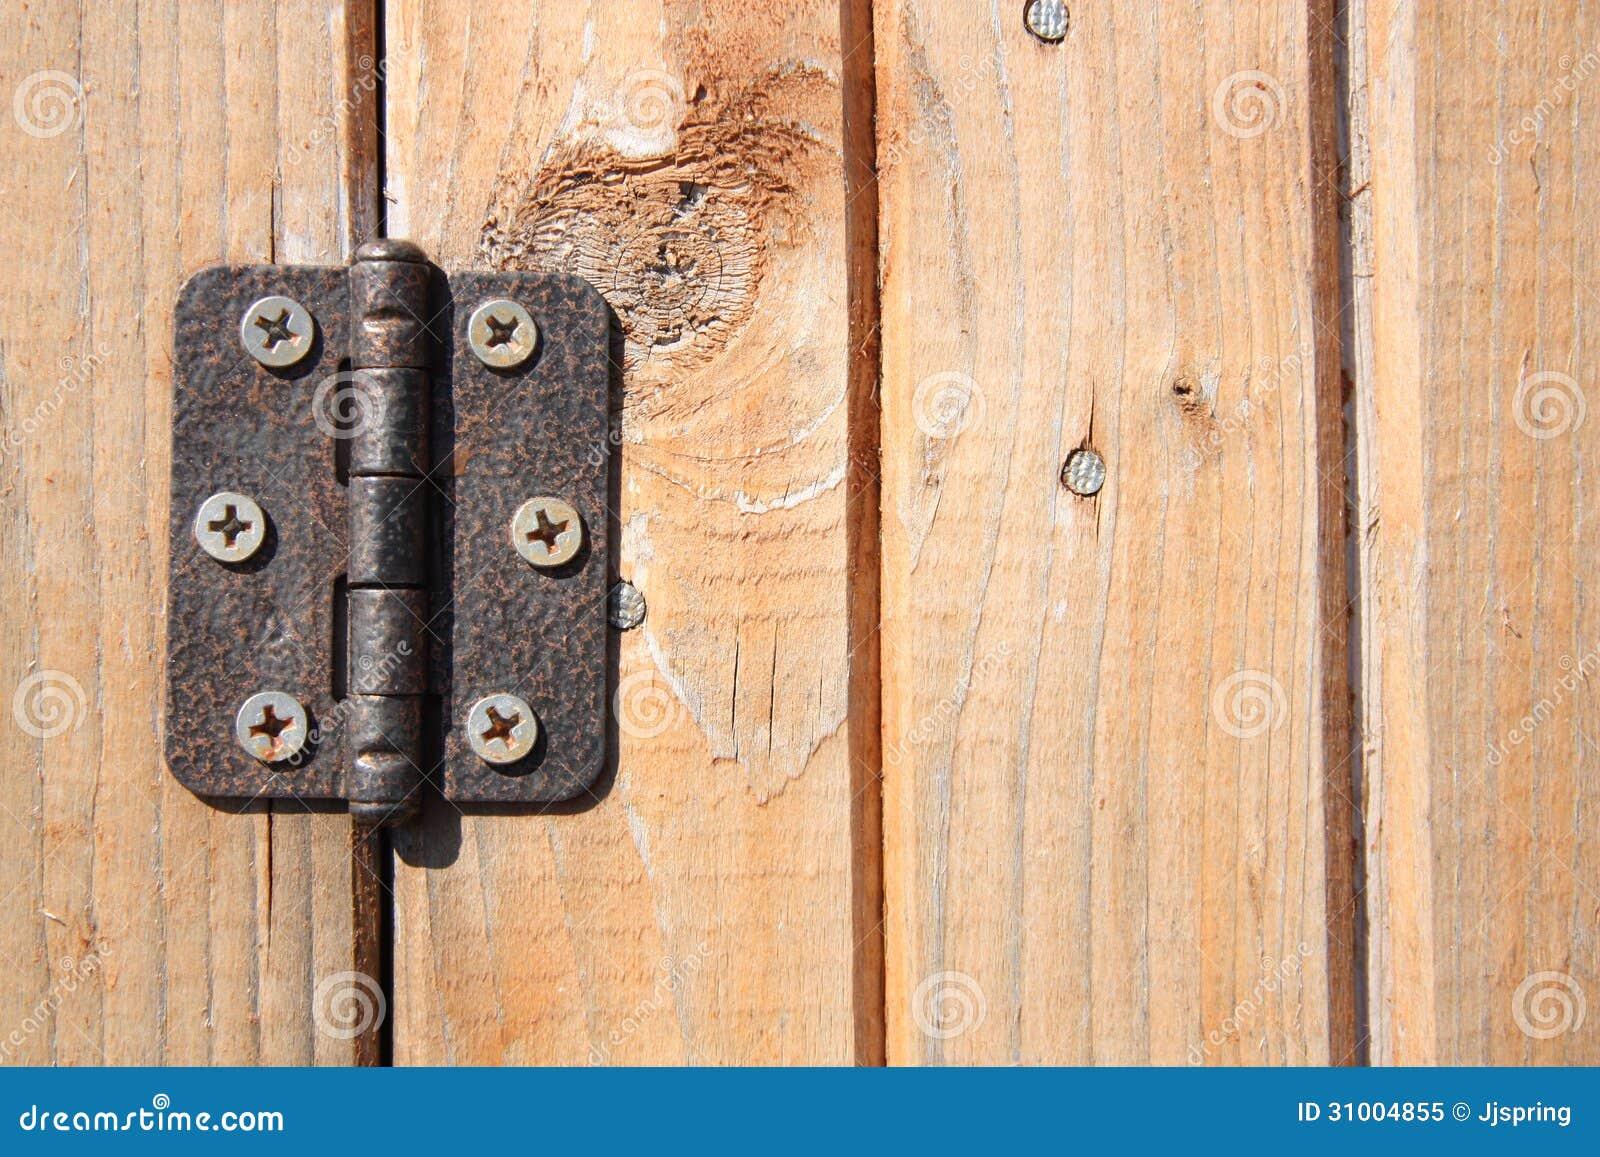 Charni re de porte photo libre de droits image 31004855 for Charnieres de porte